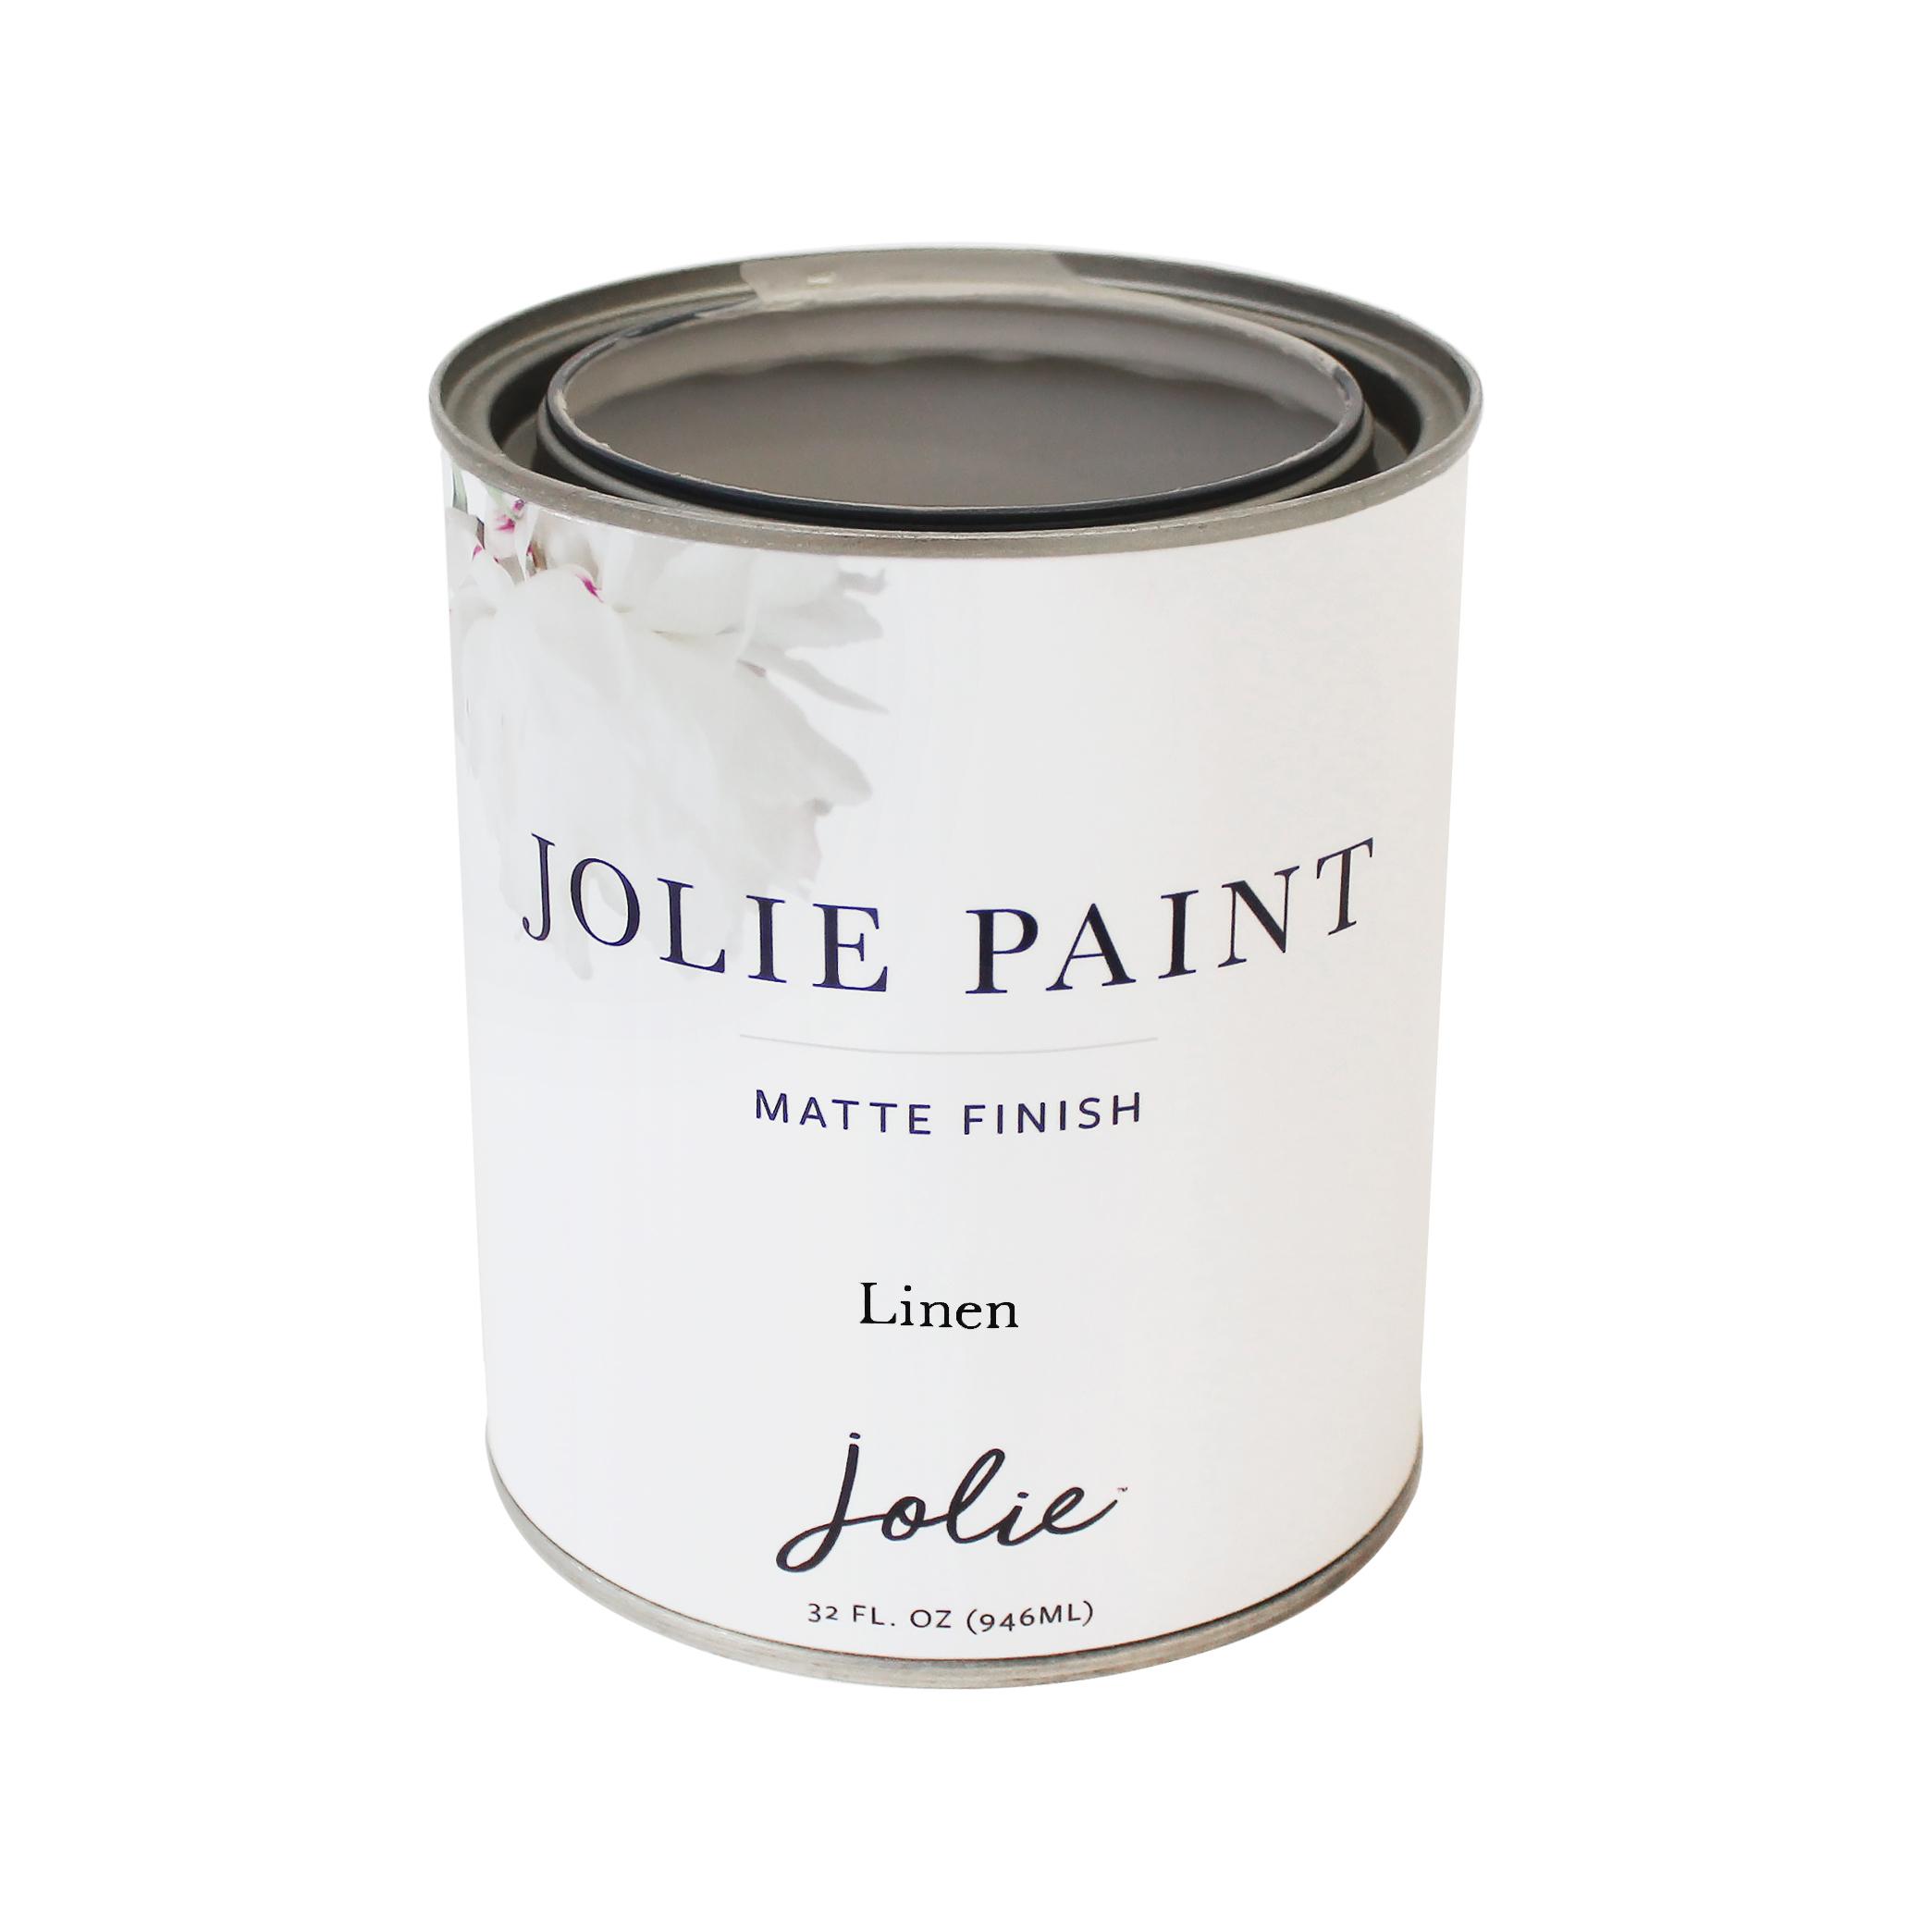 Linen - Jolie Paint